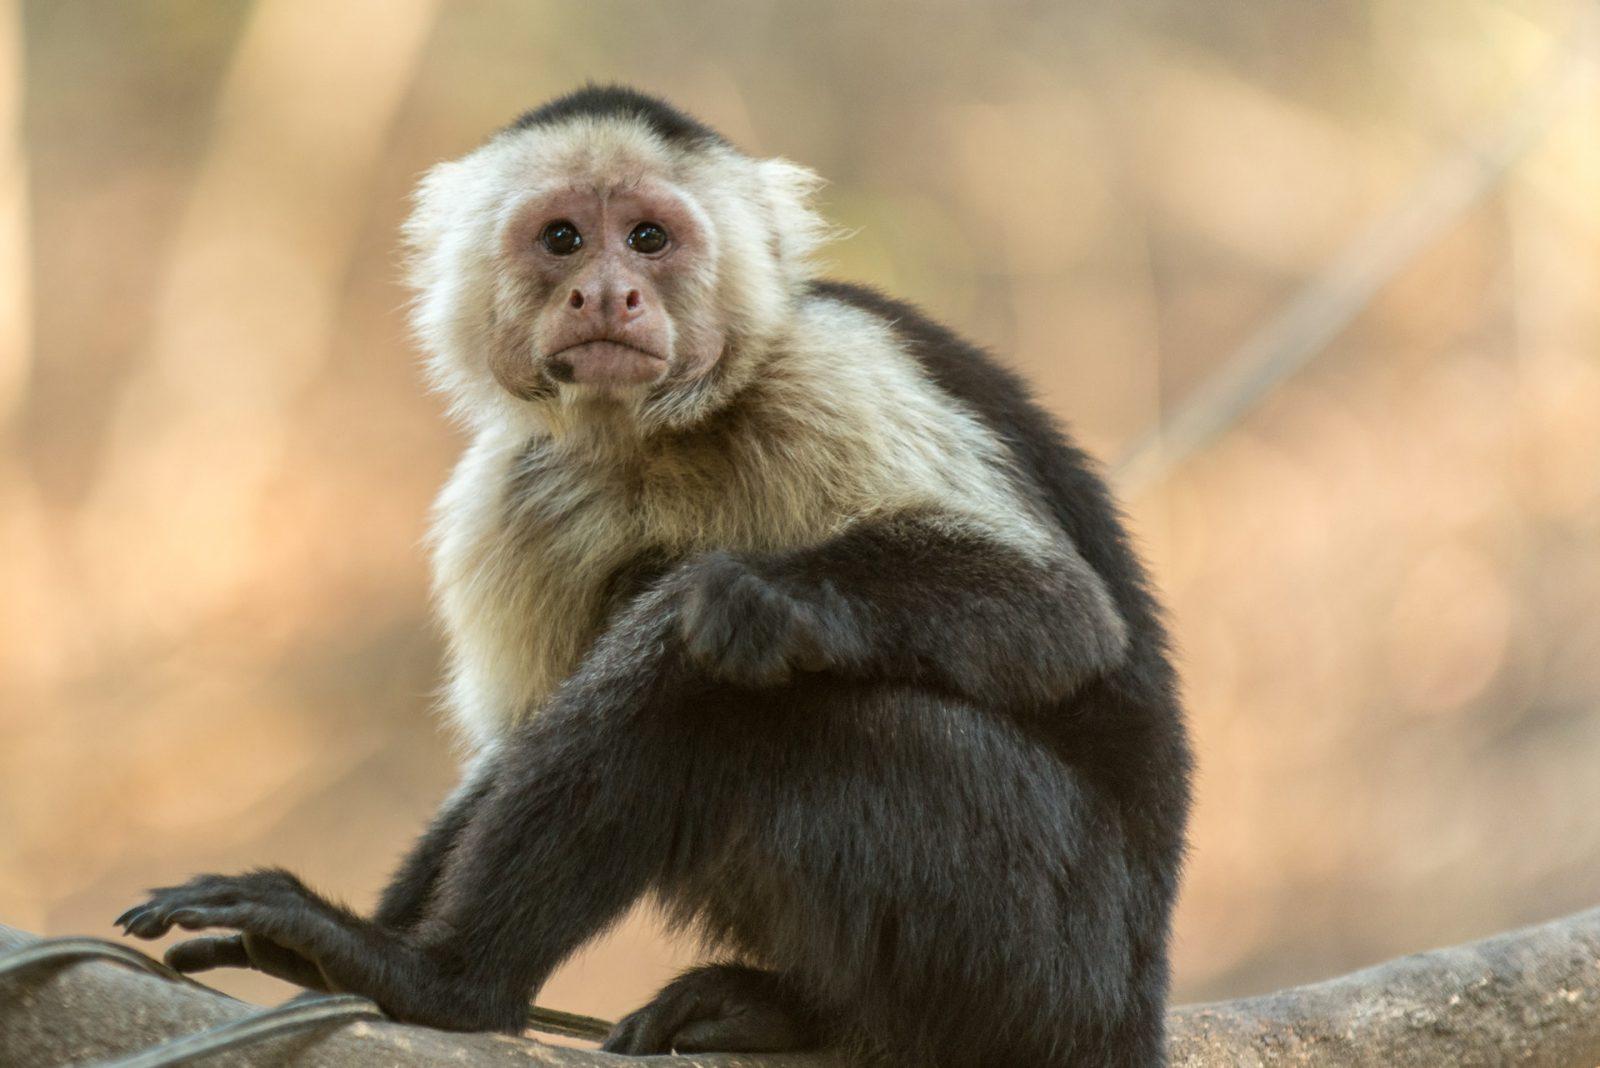 Sonhar com macaco simboliza uma situação no ambiente de trabalho.